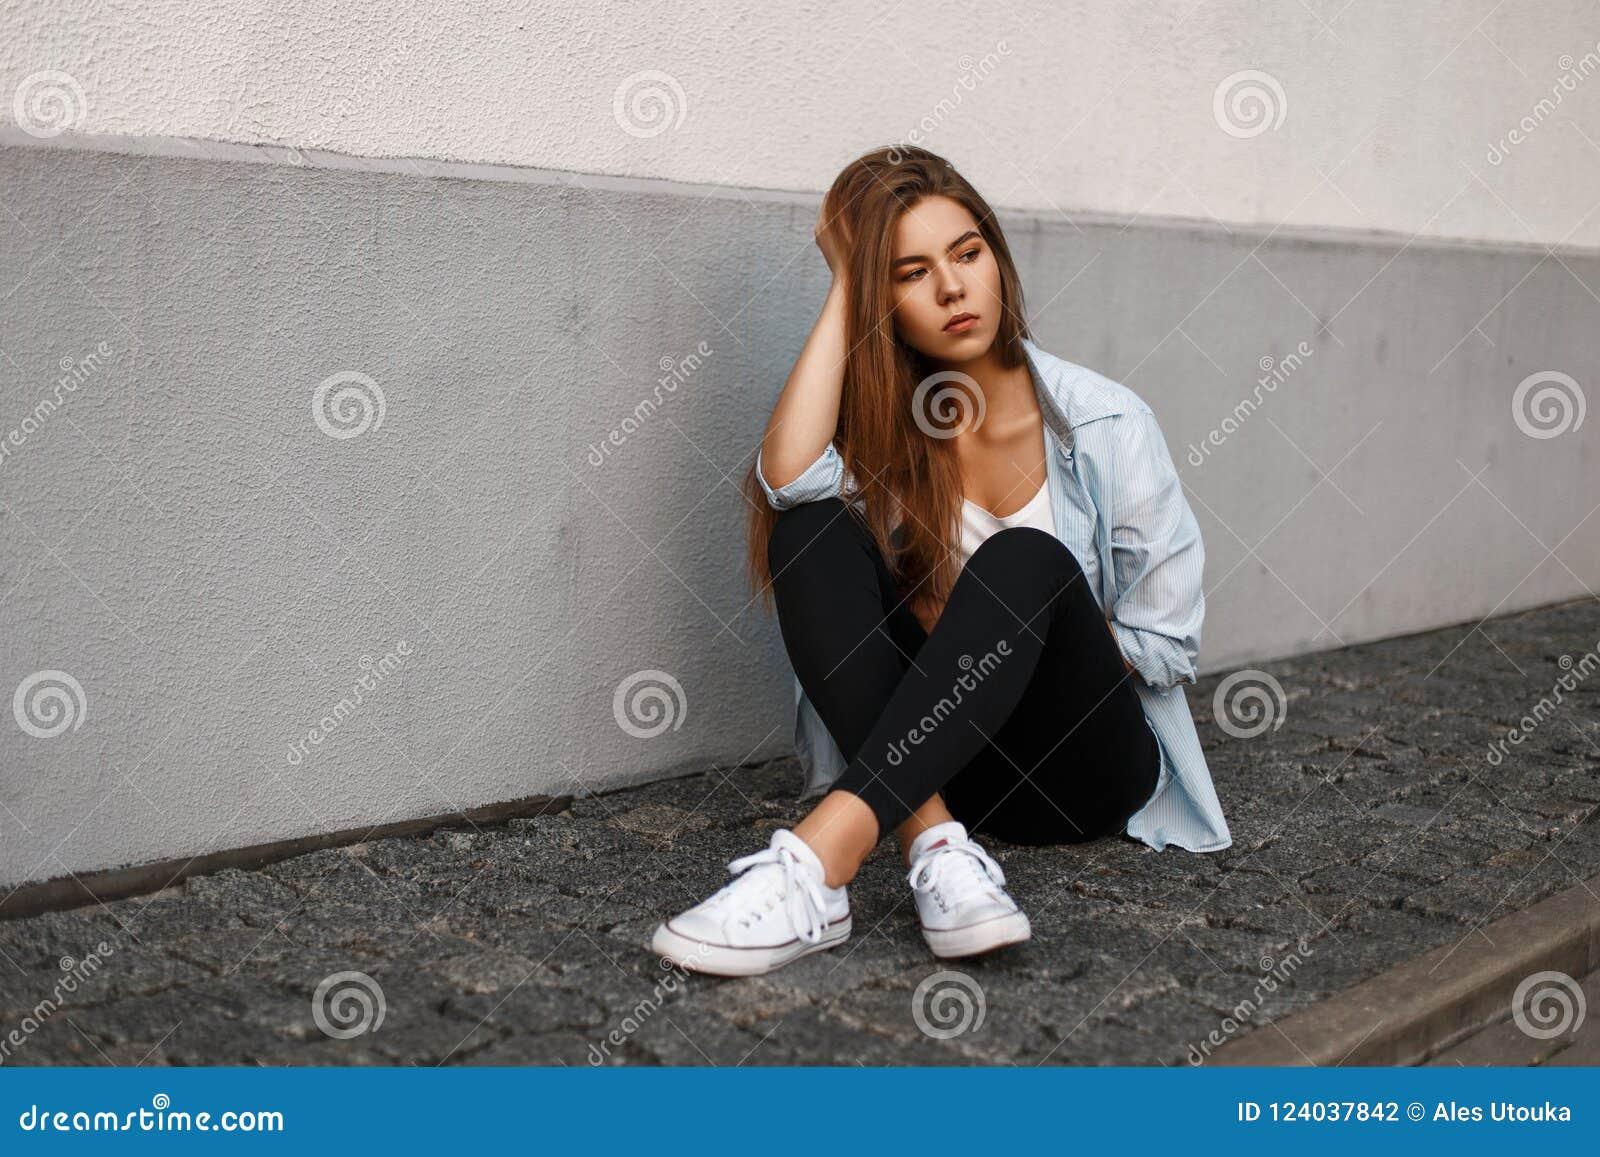 Joven Modelo Mujer Azul En Hermosa Foto Americana Camisa Con Negro PkXlOZiuTw